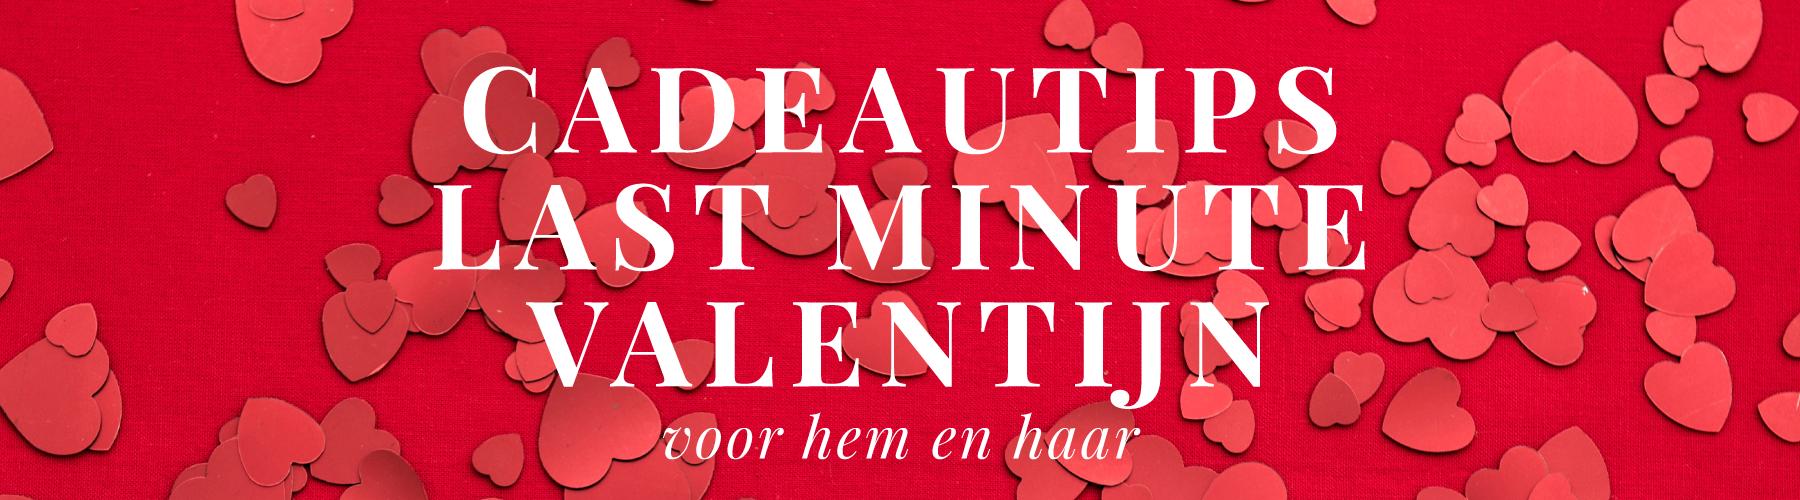 Last-minute-cadeautips-valentijn-liefde-Wolters-Juweliers-Coevorden-Emmen